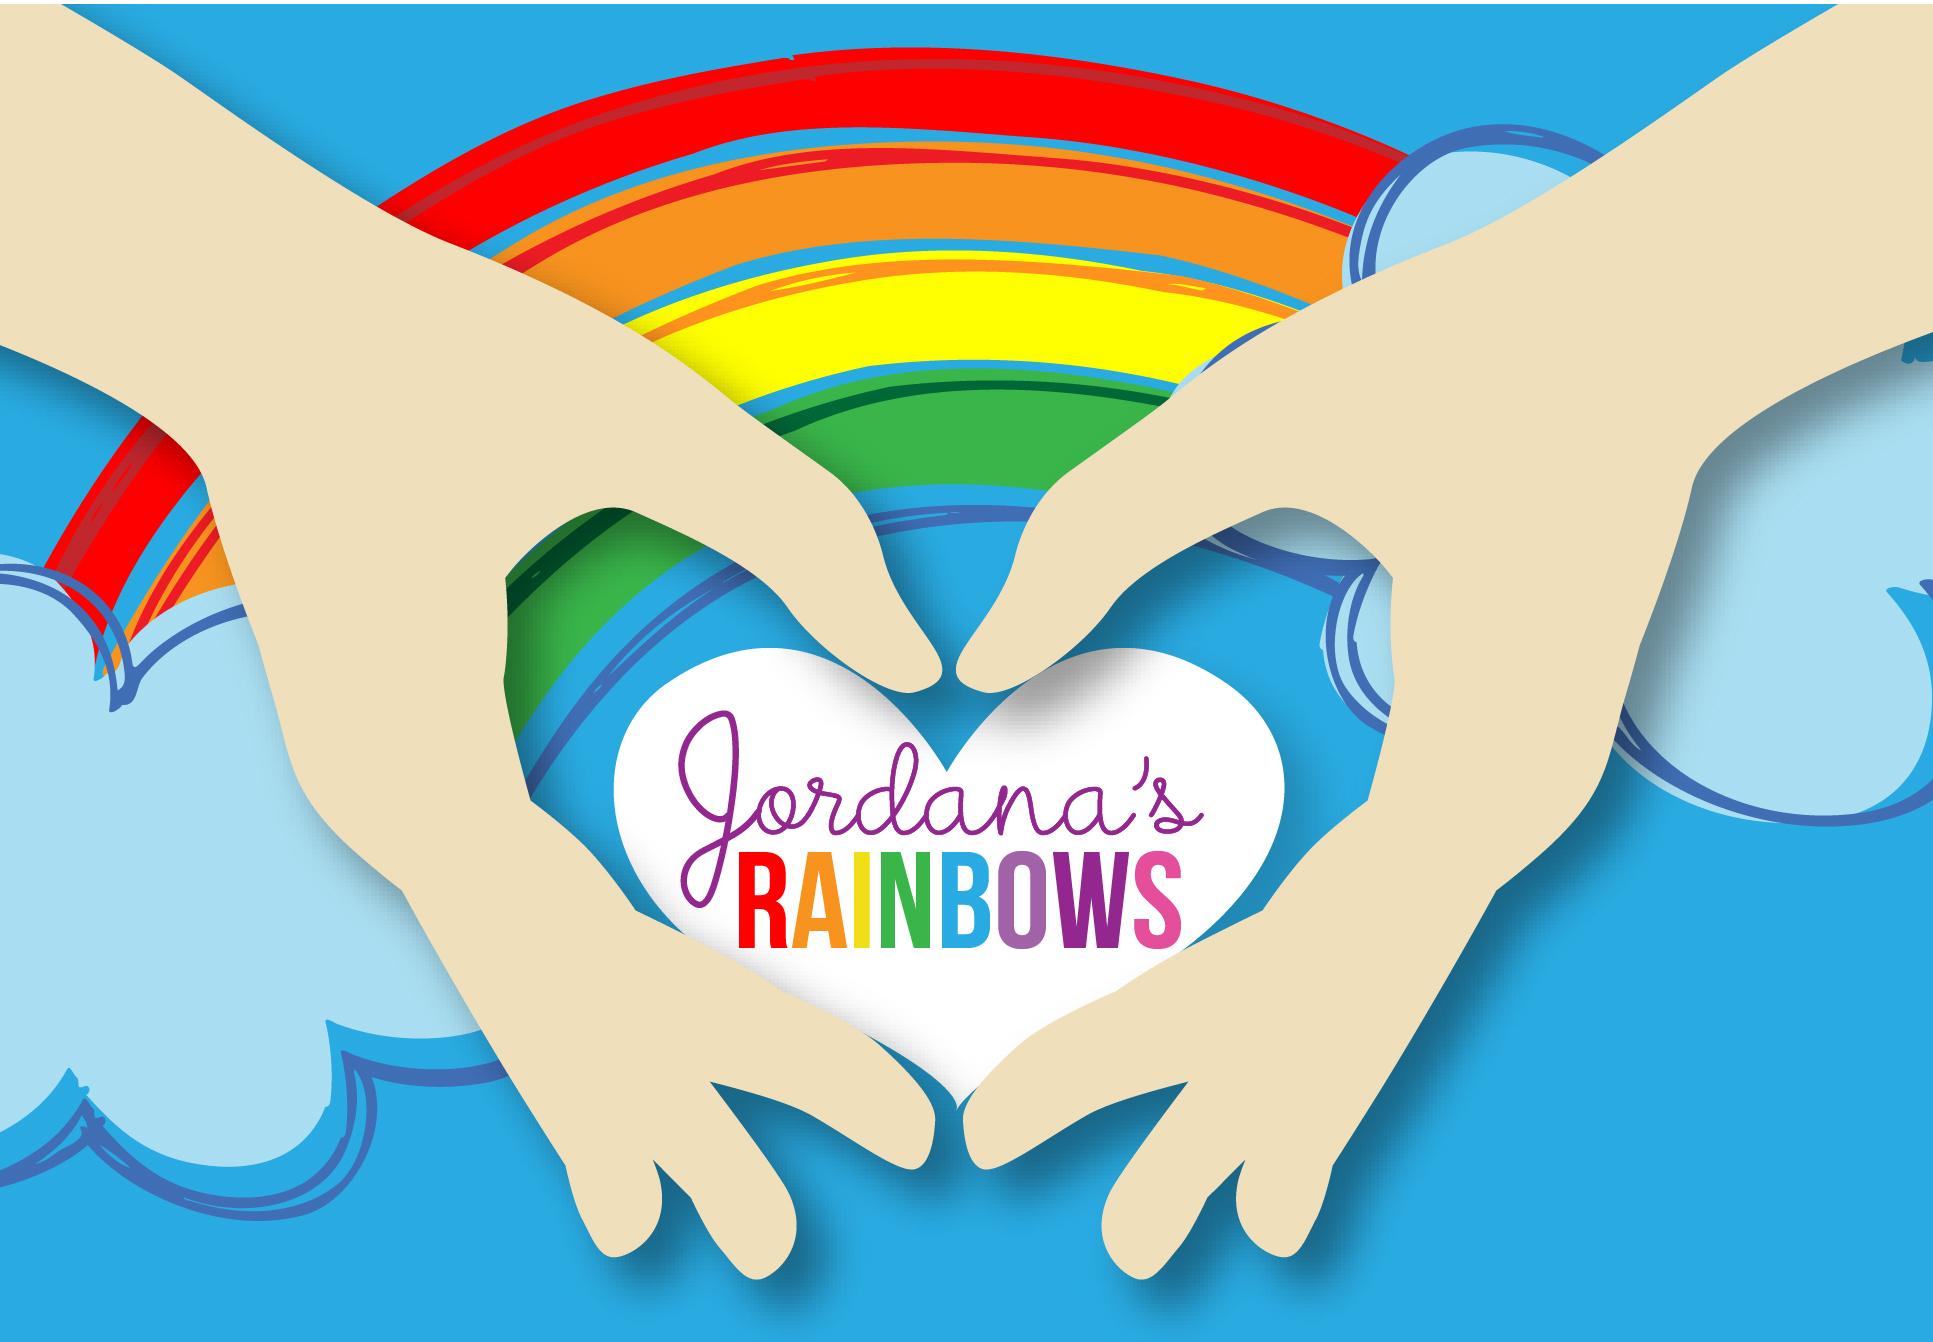 jordana u0027s rainbows